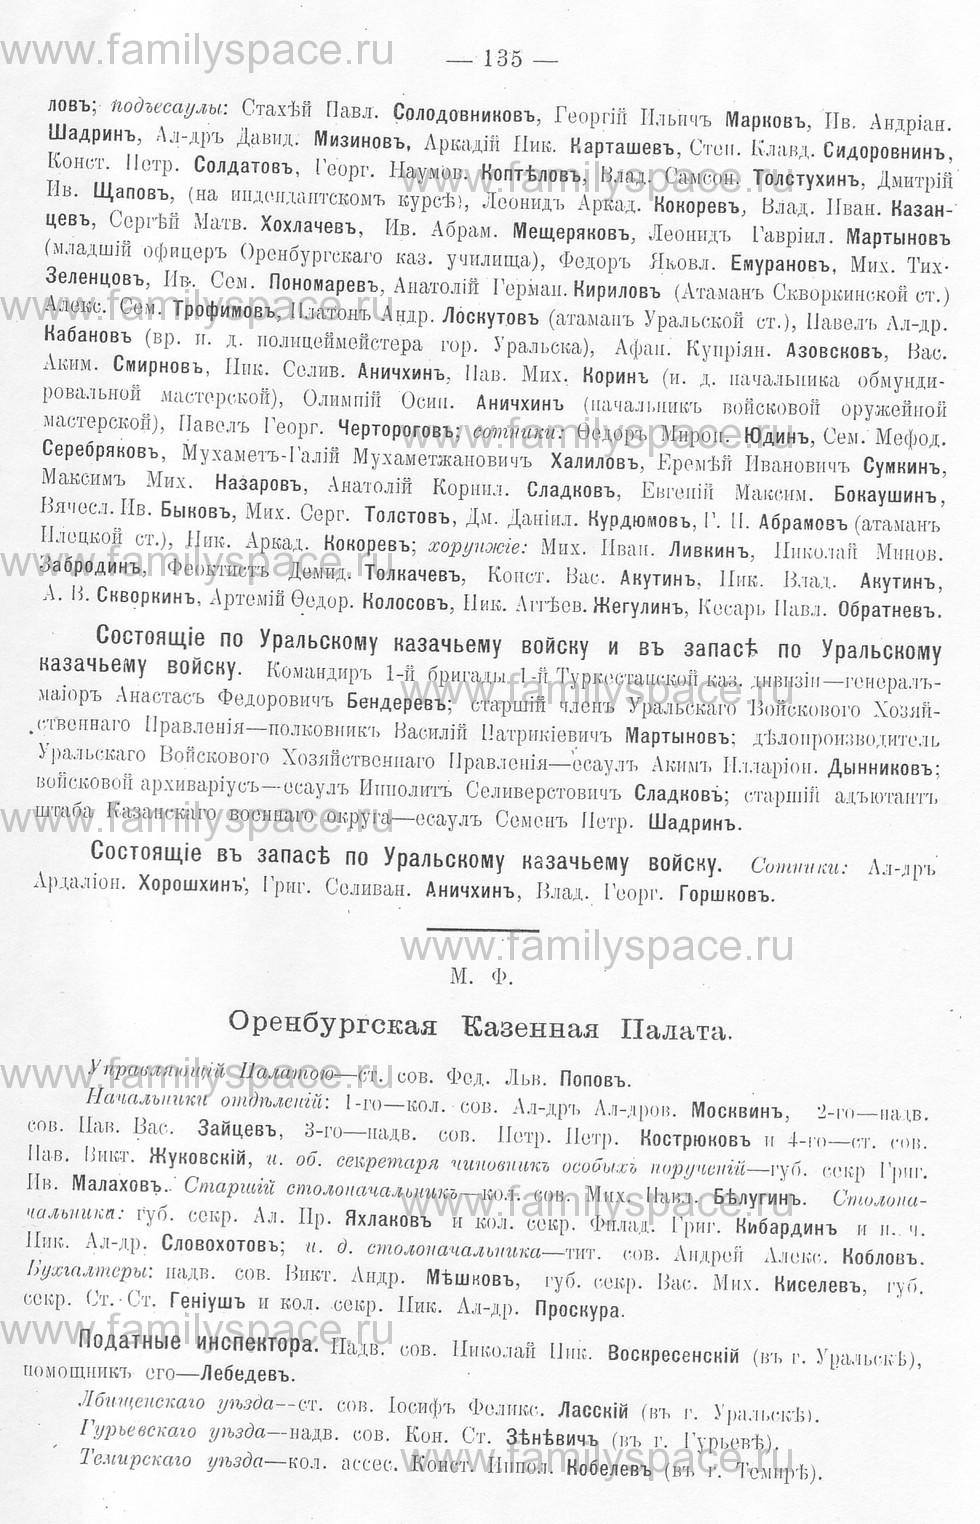 Поиск по фамилии - Памятная книжка Уральской области на 1913 год, страница 135